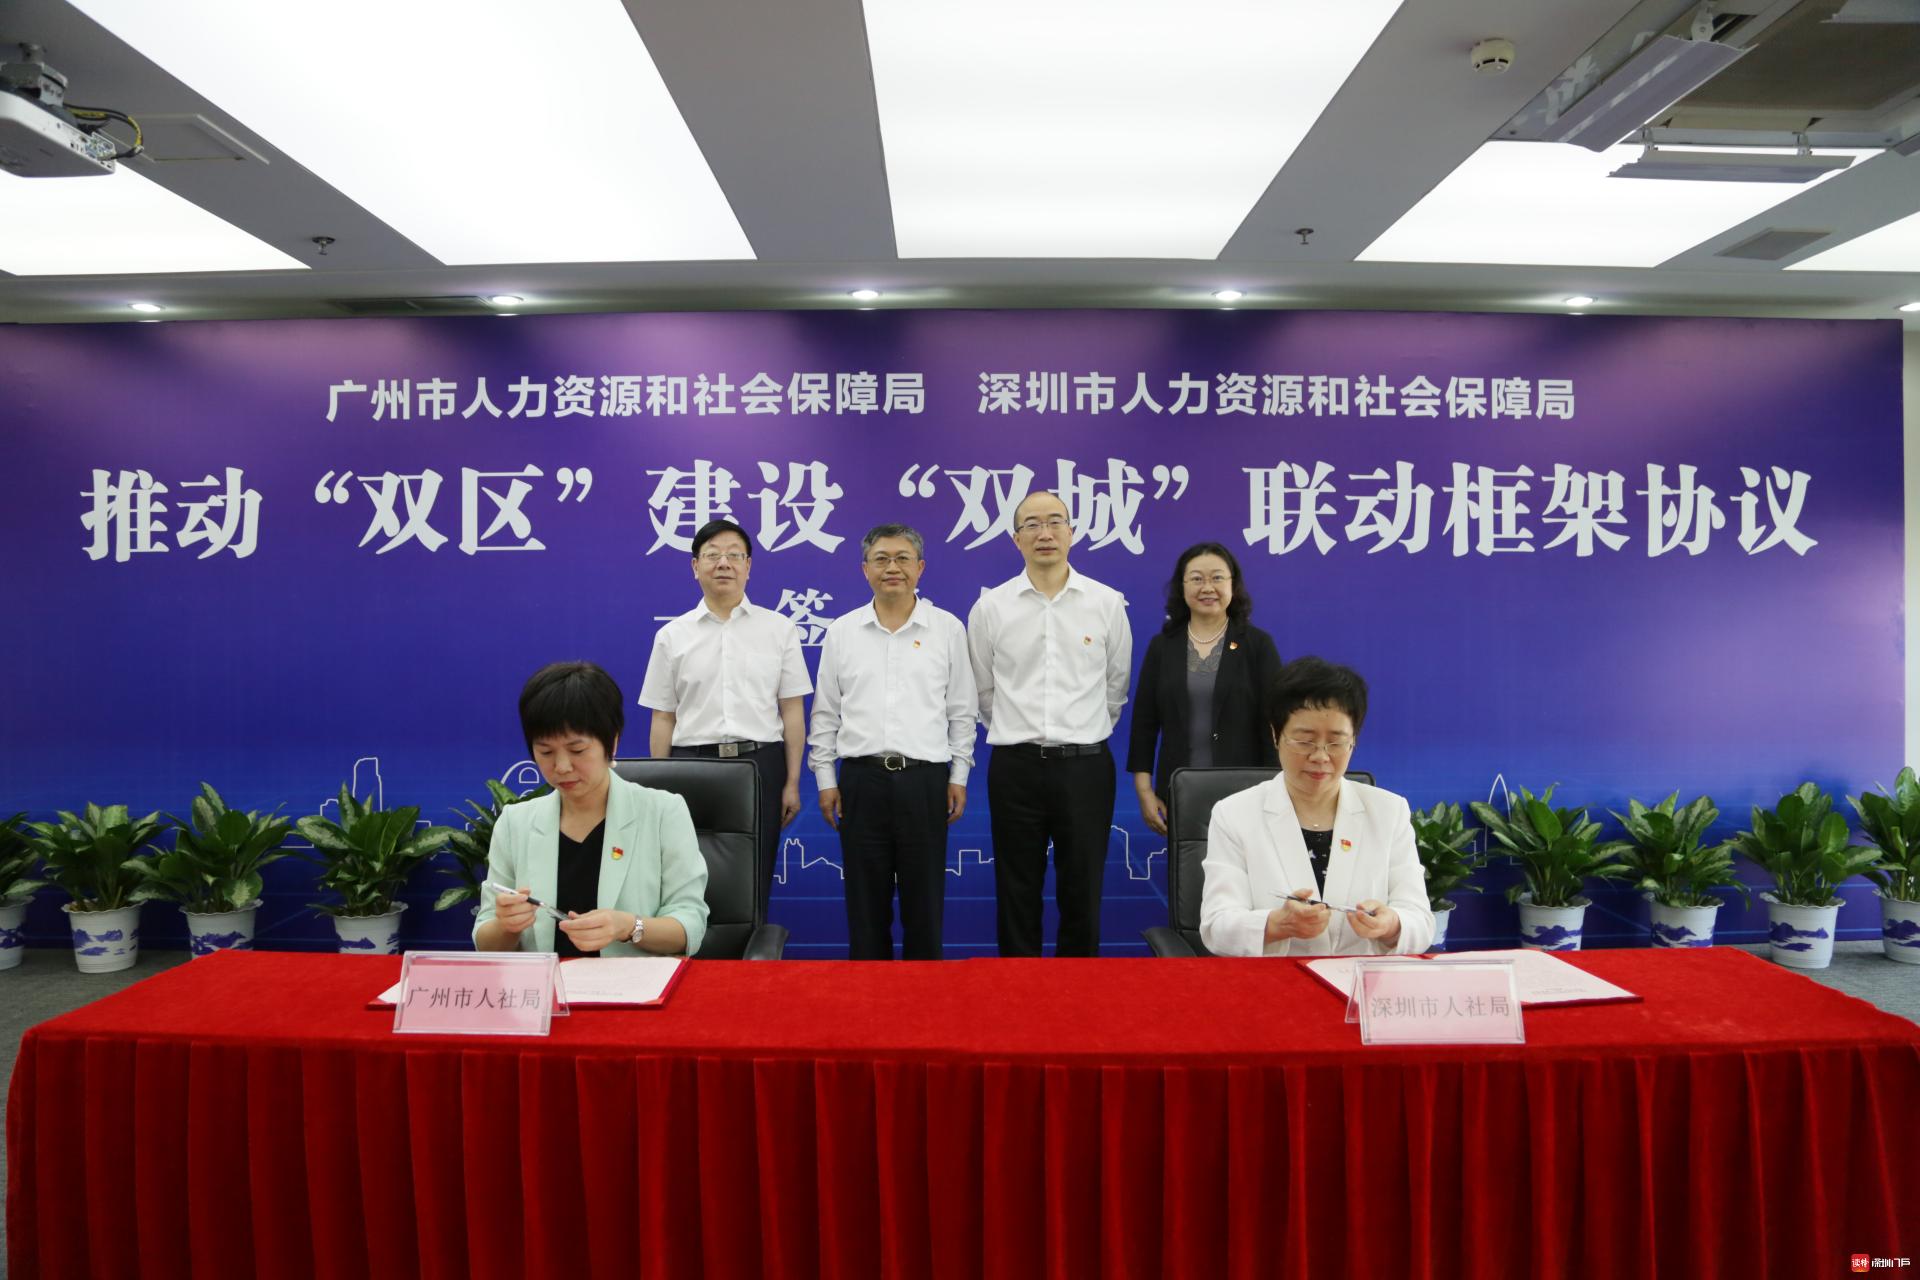 """广深两地人社部门签订合作协议  """"双城联动""""开启人力资源社会保障事业发展新篇章"""